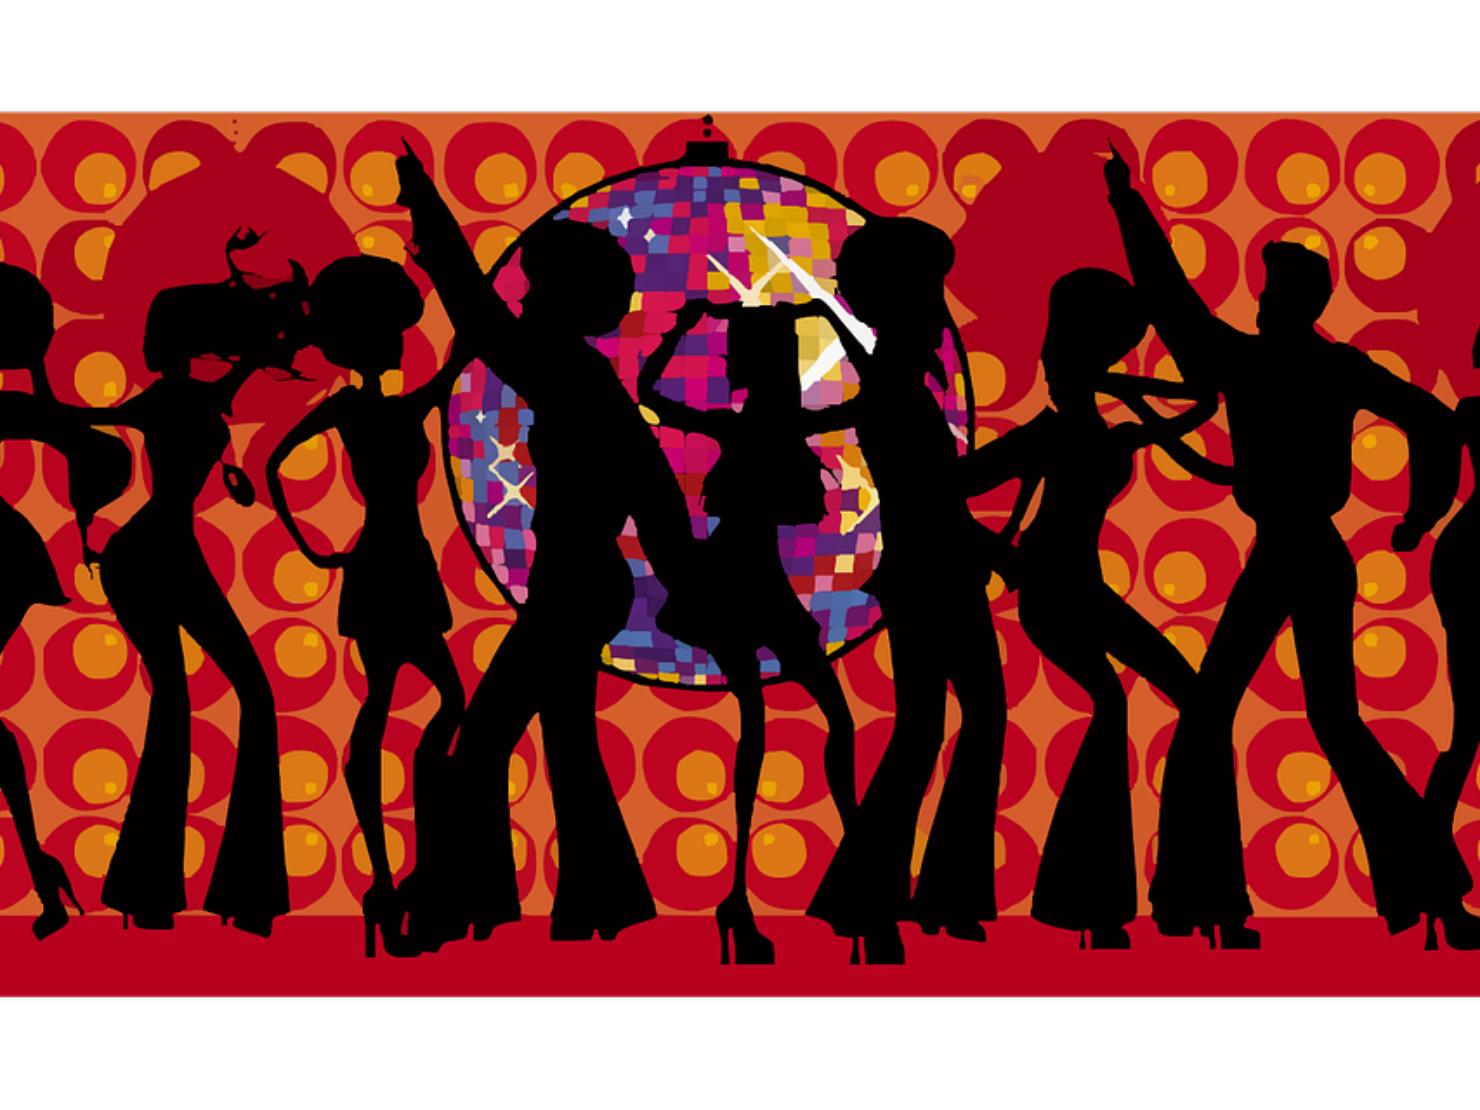 1970年代スタイルで踊る若者のイラスト